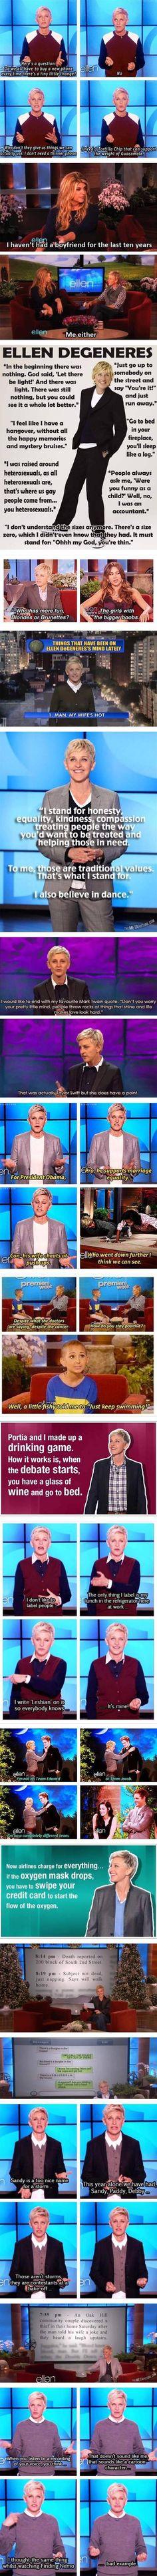 this makes me happy :)  Ellen is hilarious